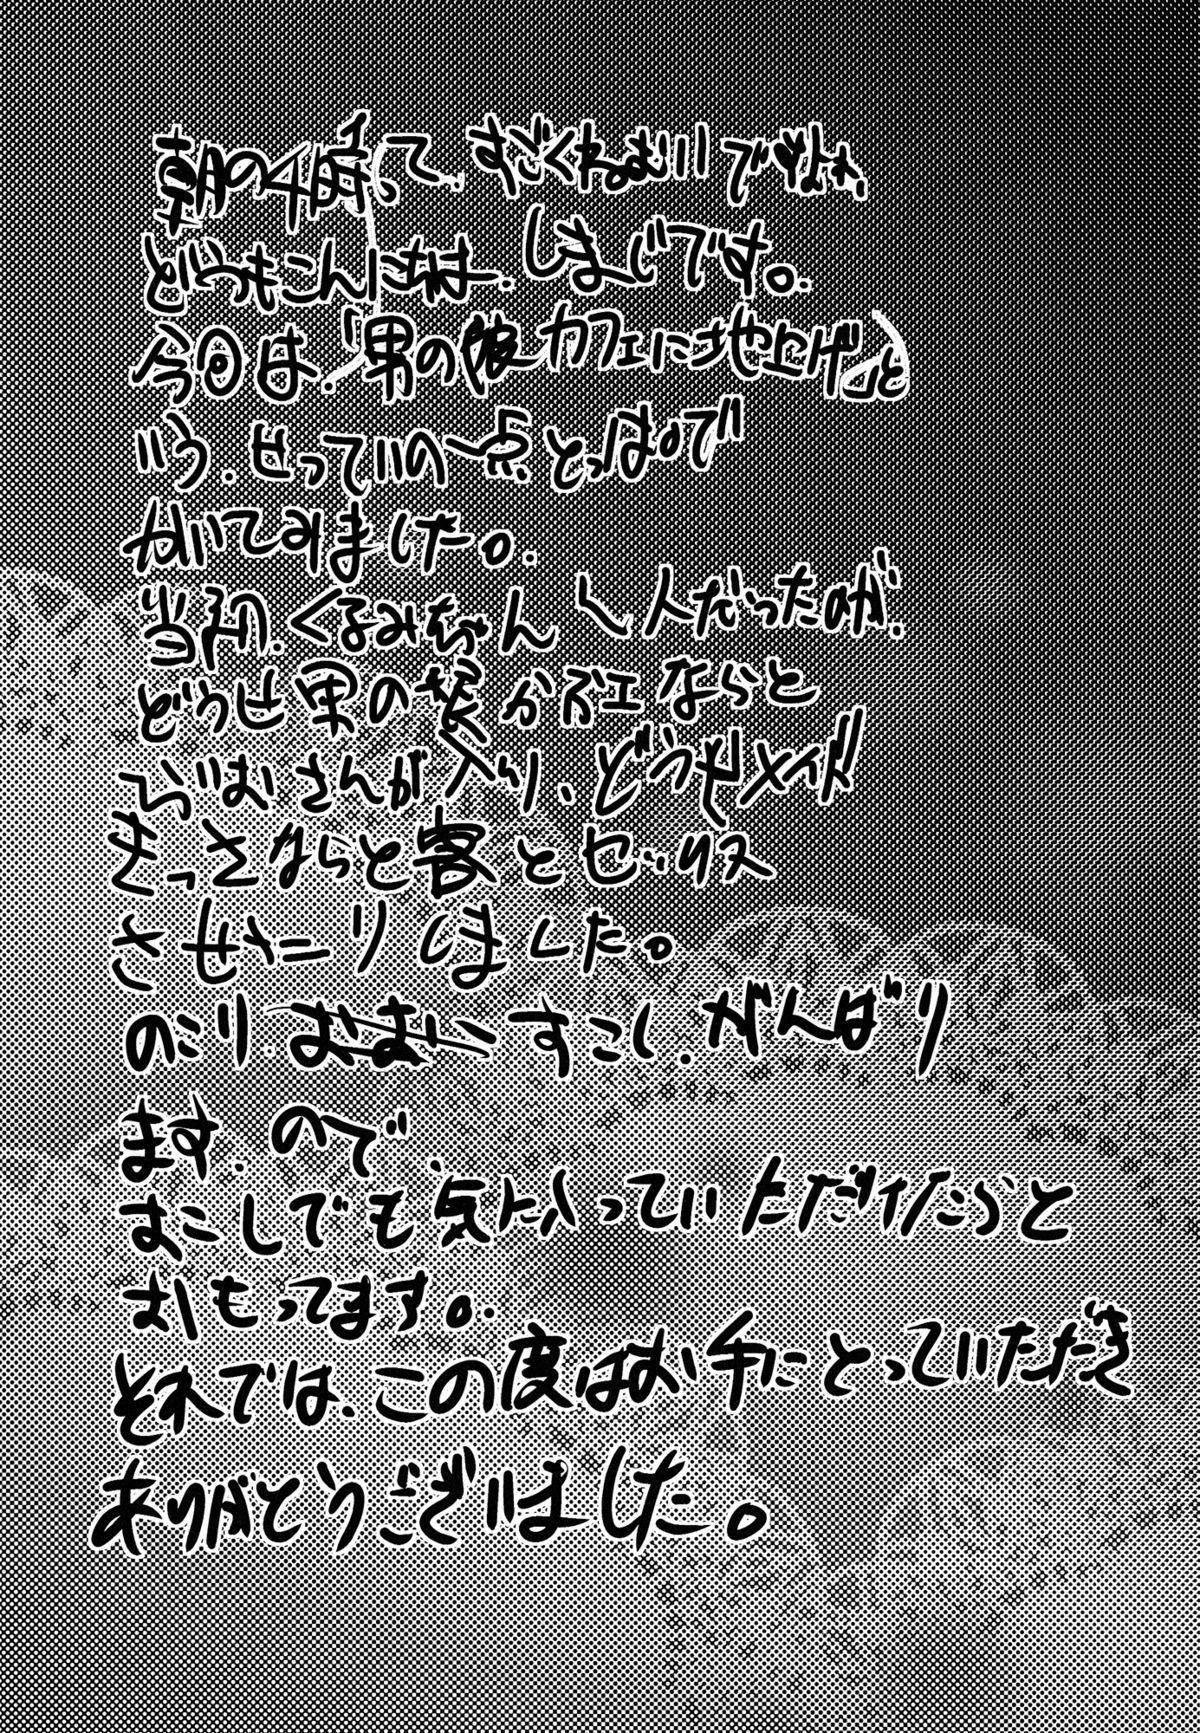 Otokonoko Maid Cafe Lovely Cherry ni Jiage ni Ittekimashita 27